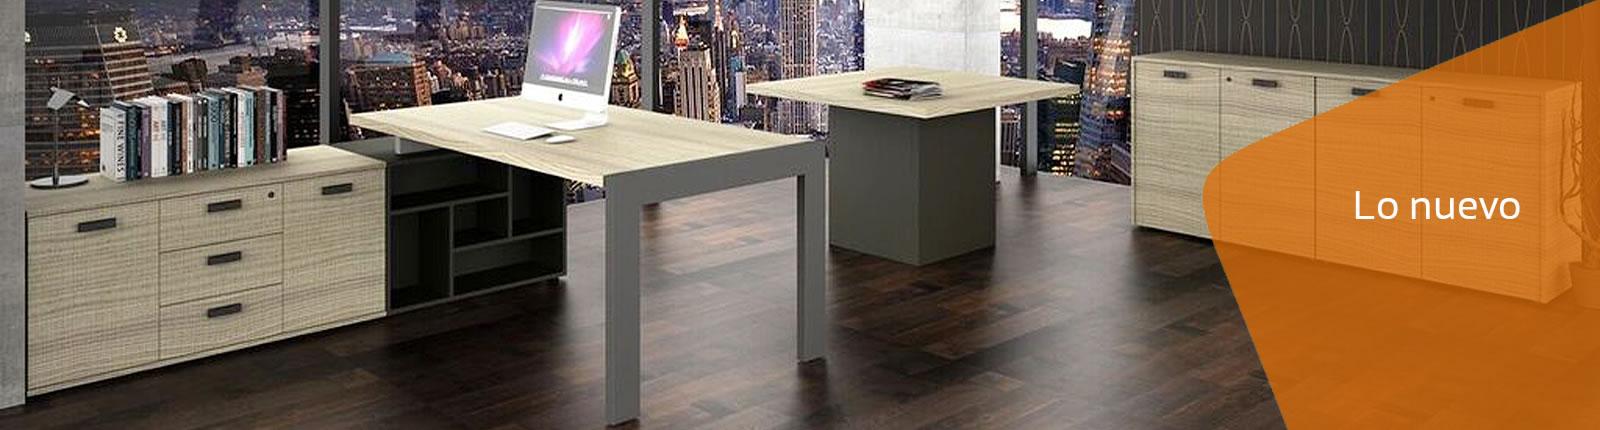 Muebles para oficinas en quer taro muebles de oficina for Muebles y sillas para oficina